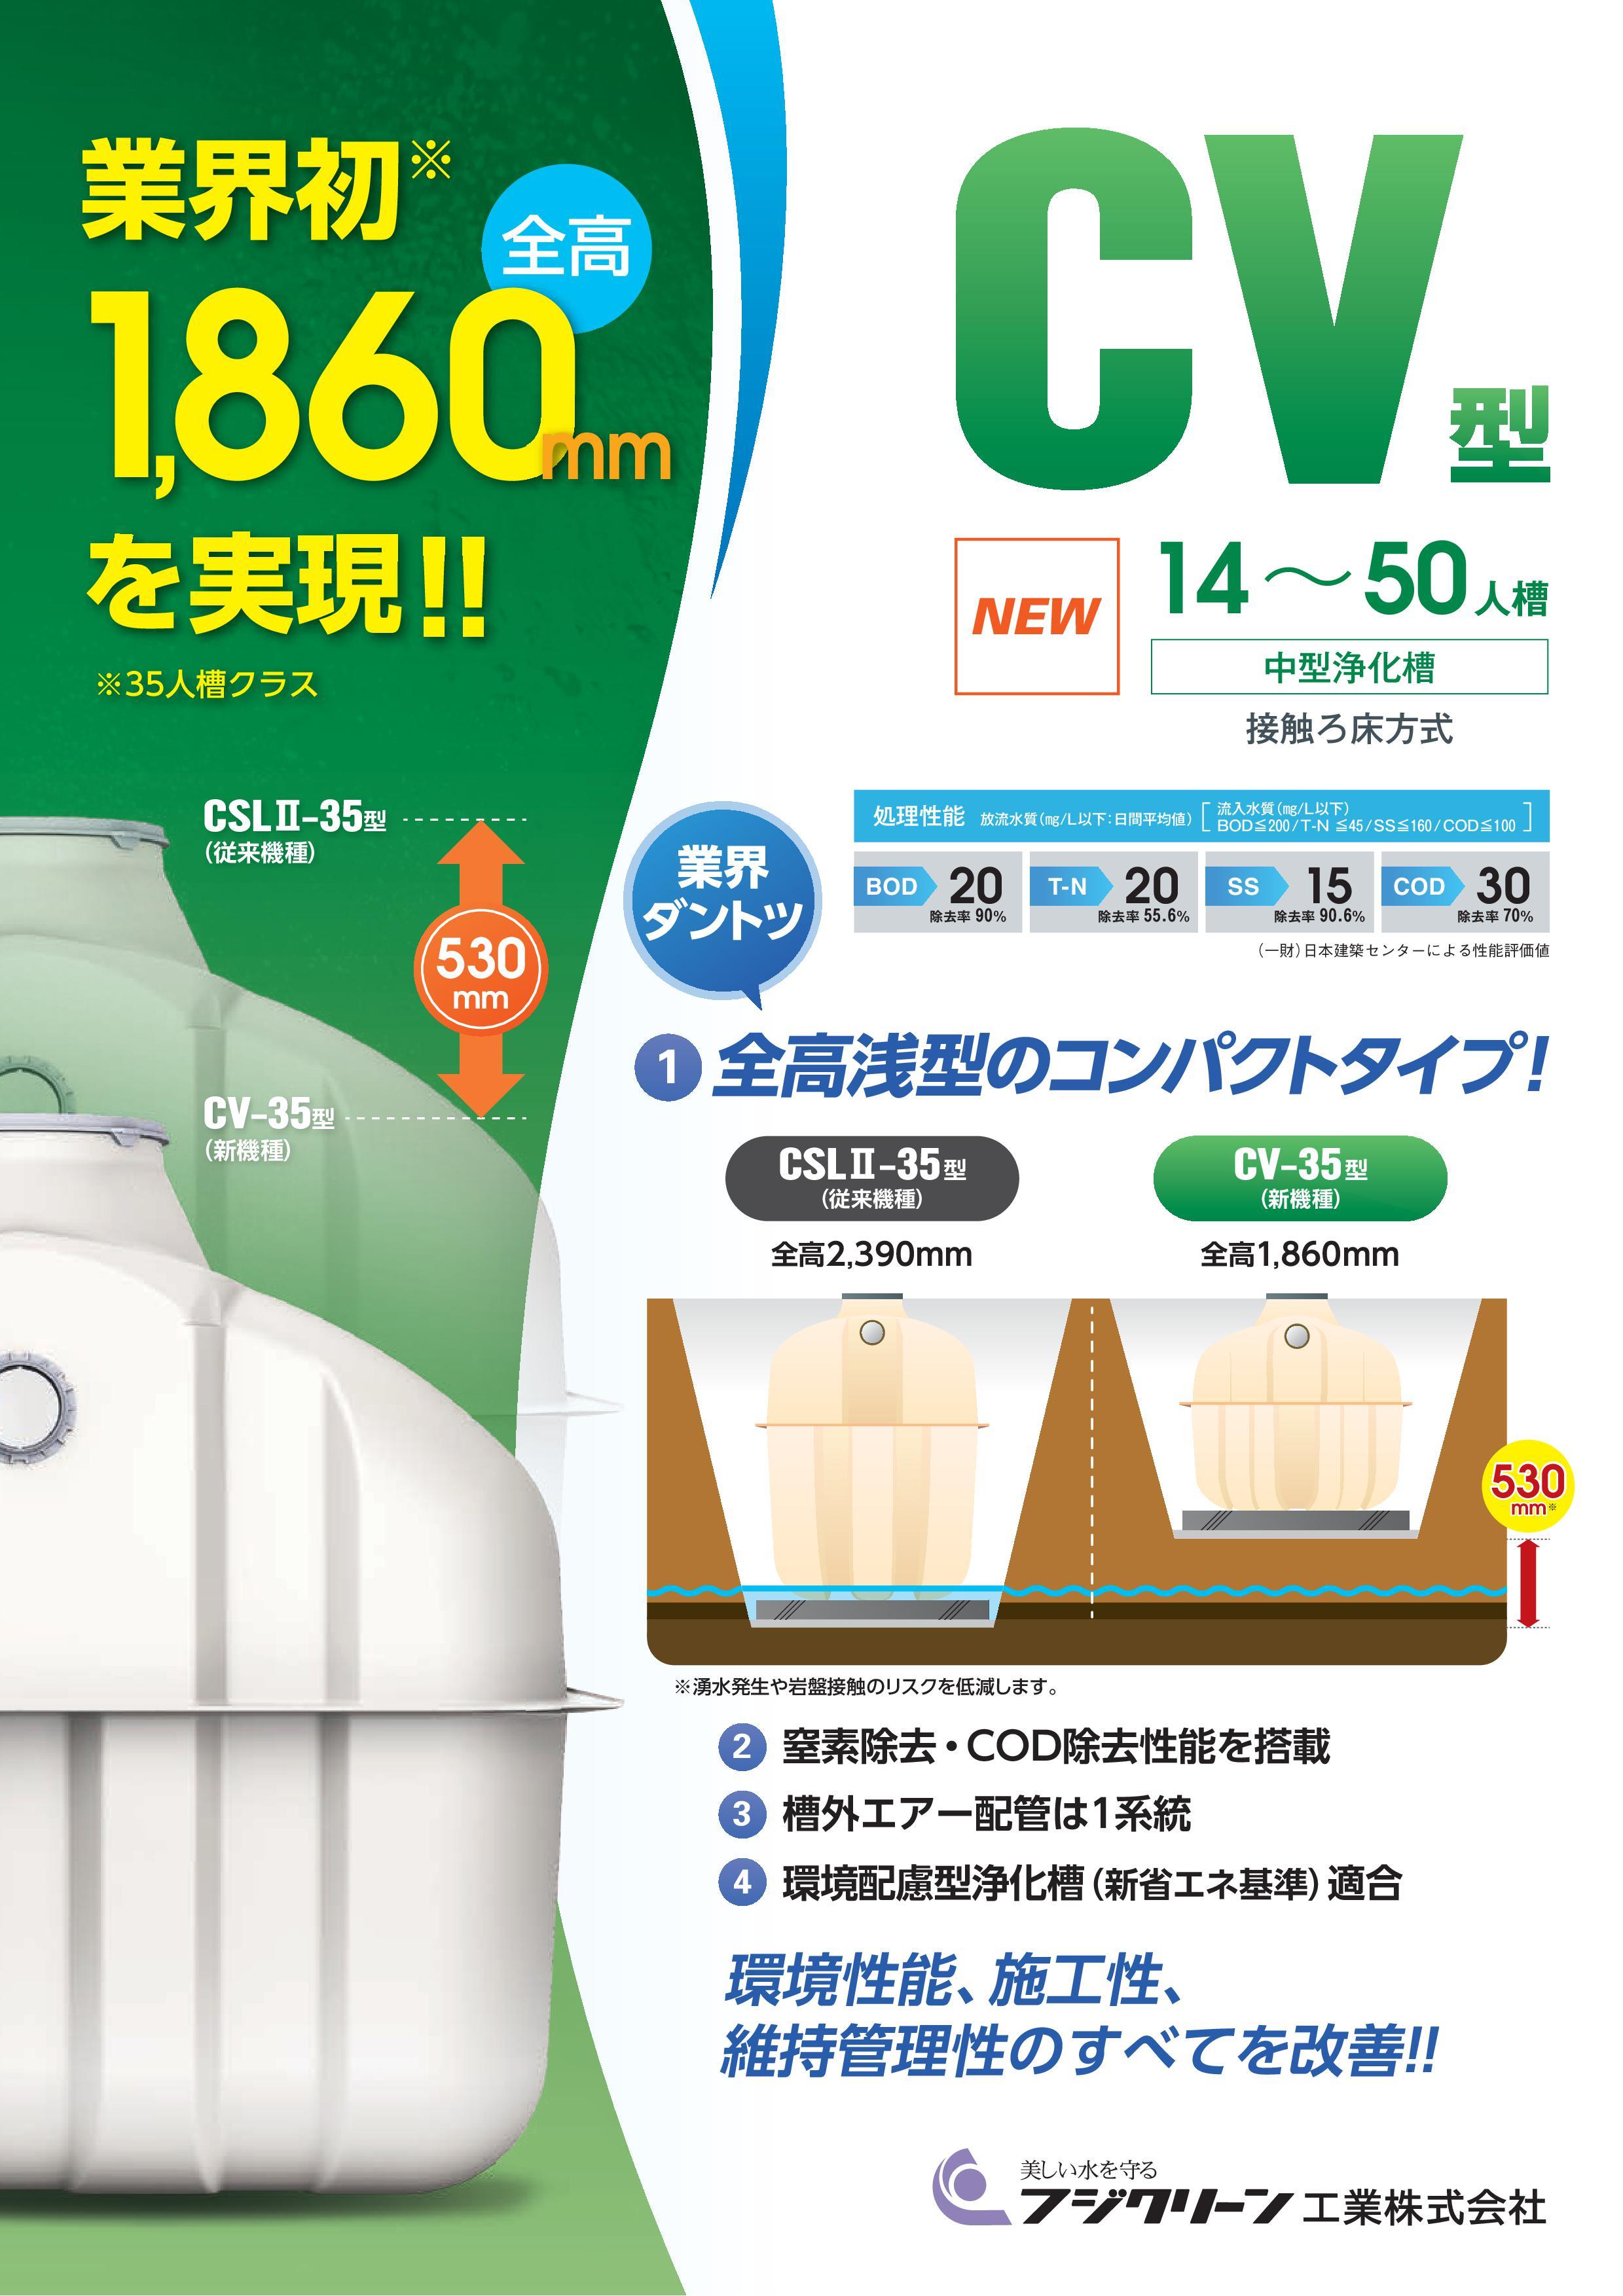 CV型(14-50)